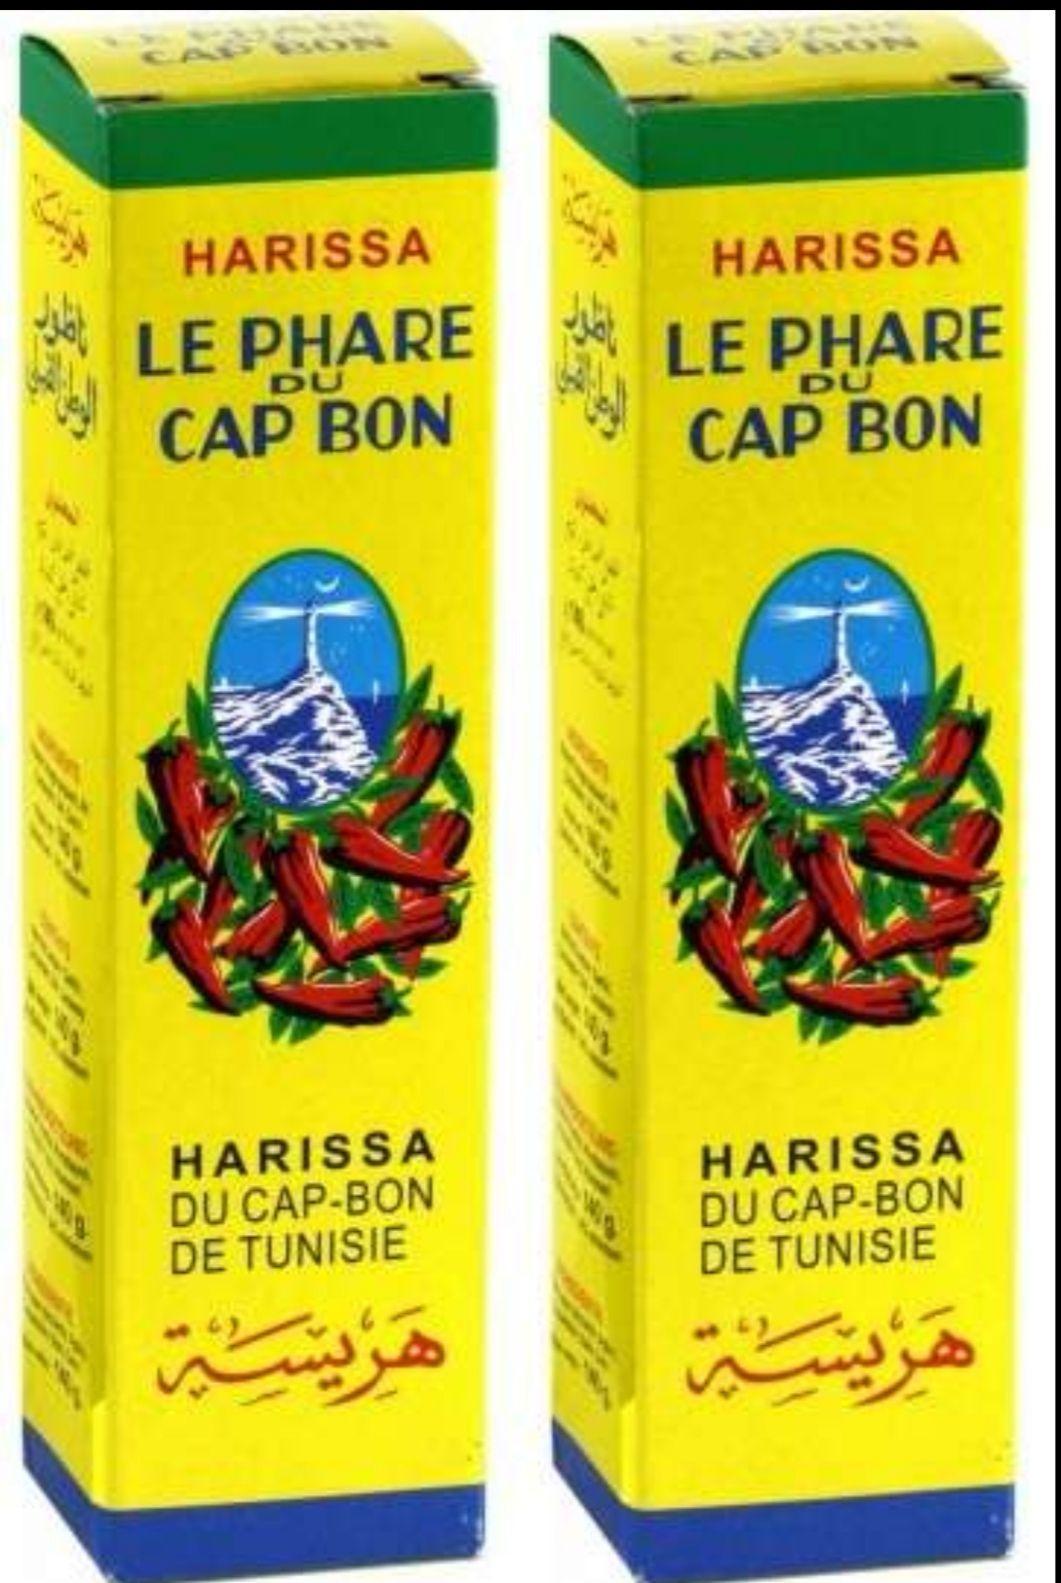 Lot de 2 tubes de 140g de Harissa de Tunisie Le Phare du Cap-Bon (2x140g)